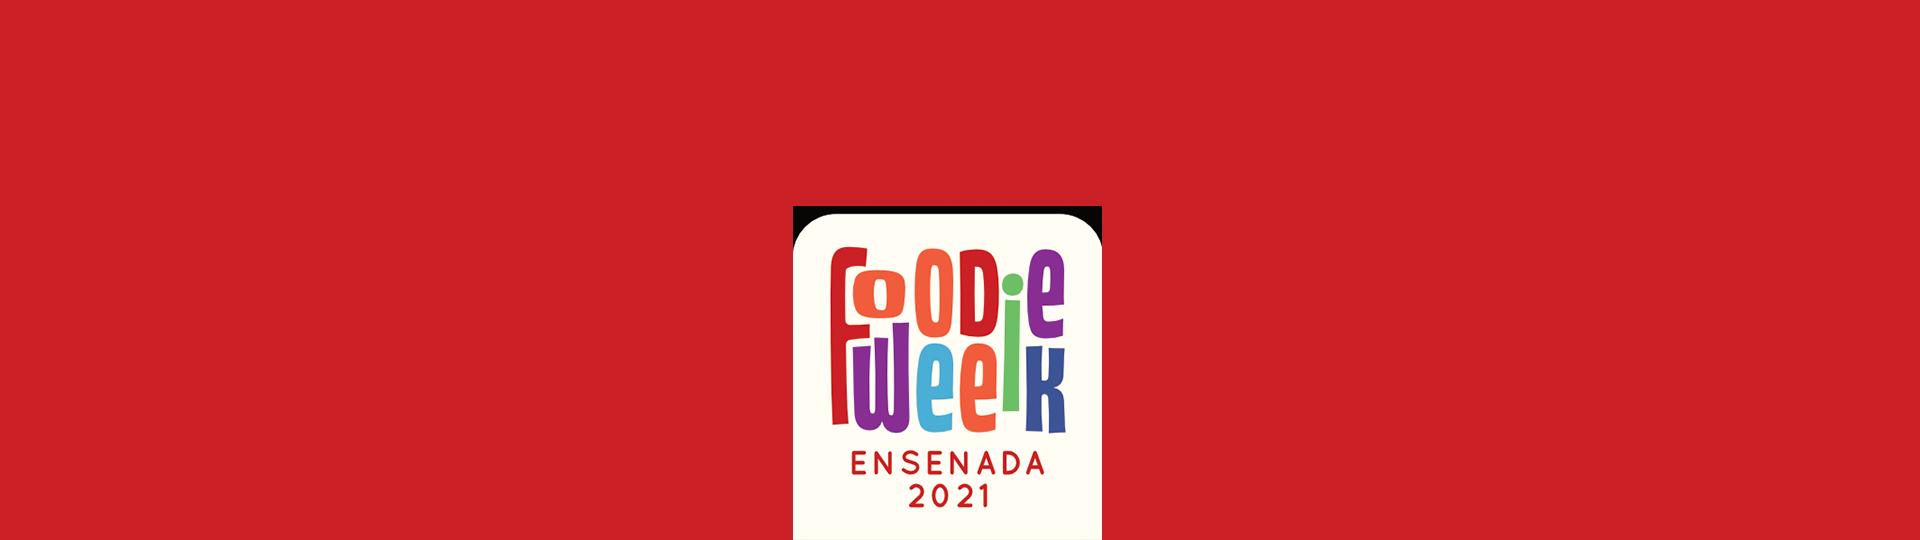 Ensenada Foodie Week